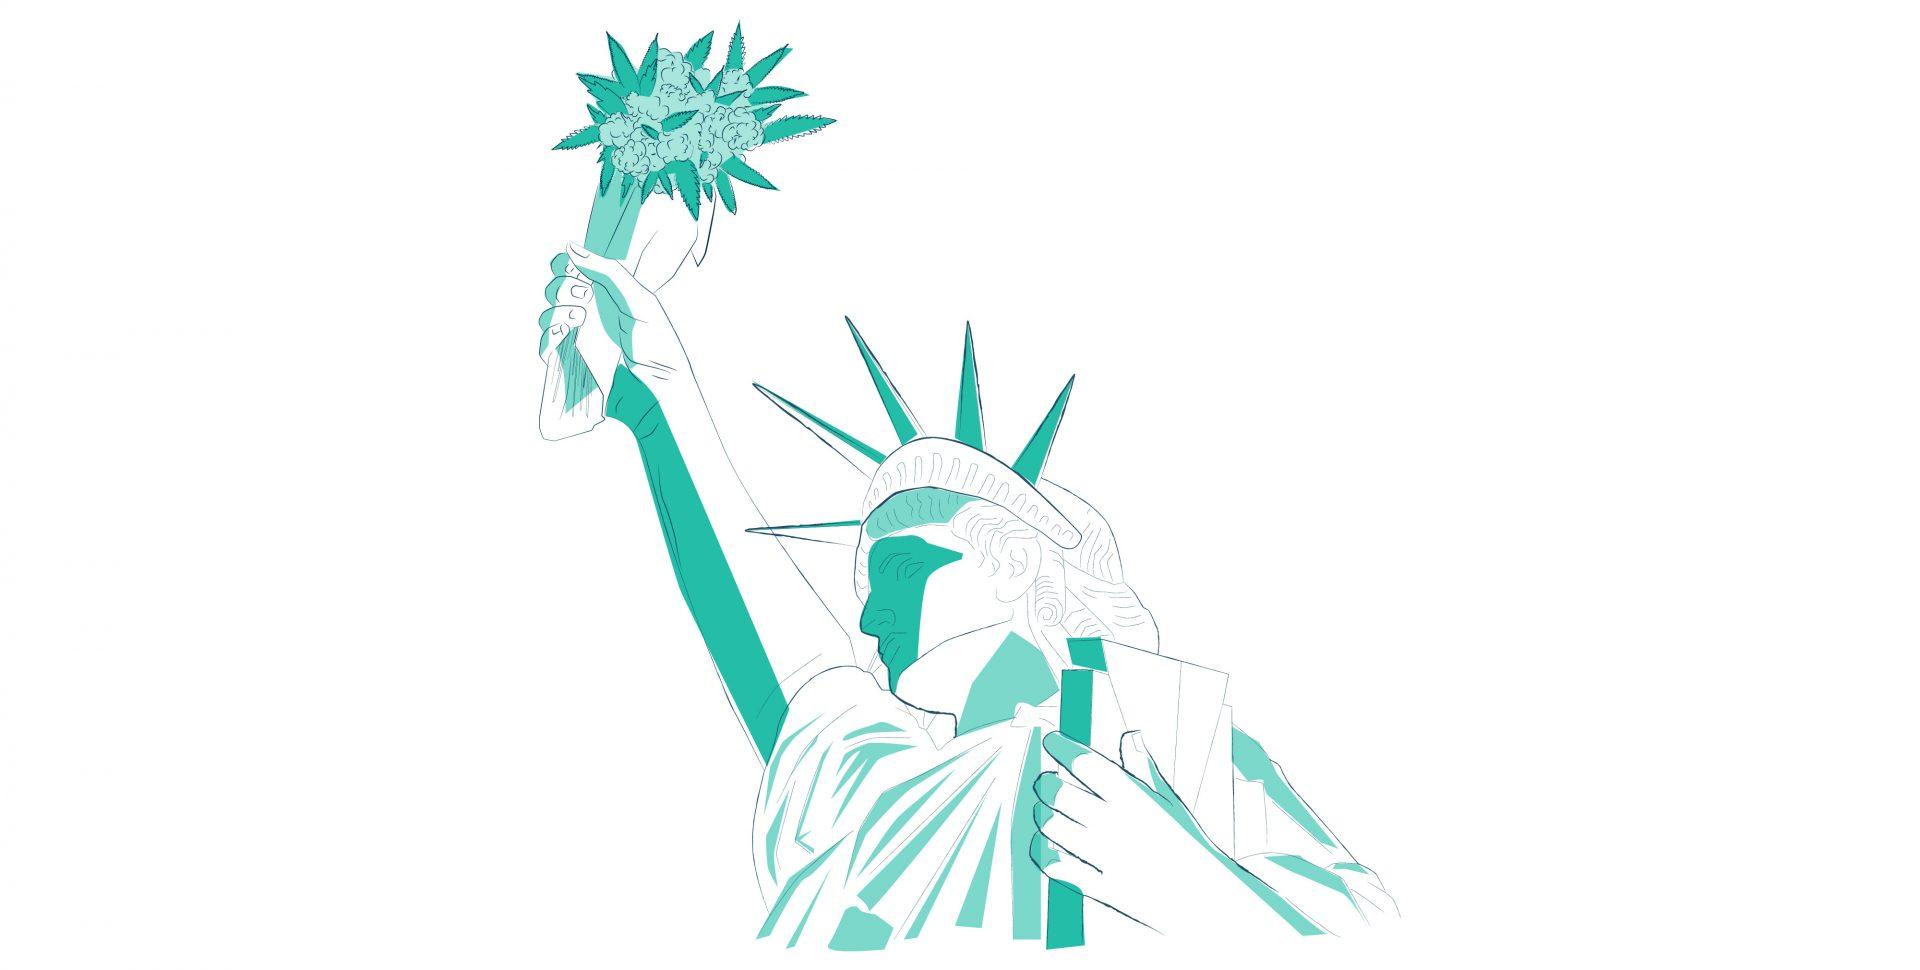 Estatua de la Libertad con Marihuana 2 - eeuu reforma cannabis ' Imagen por Ilona Szentivanyi. Todos los derechos reservados a El Planteo y Benzinga cannabis